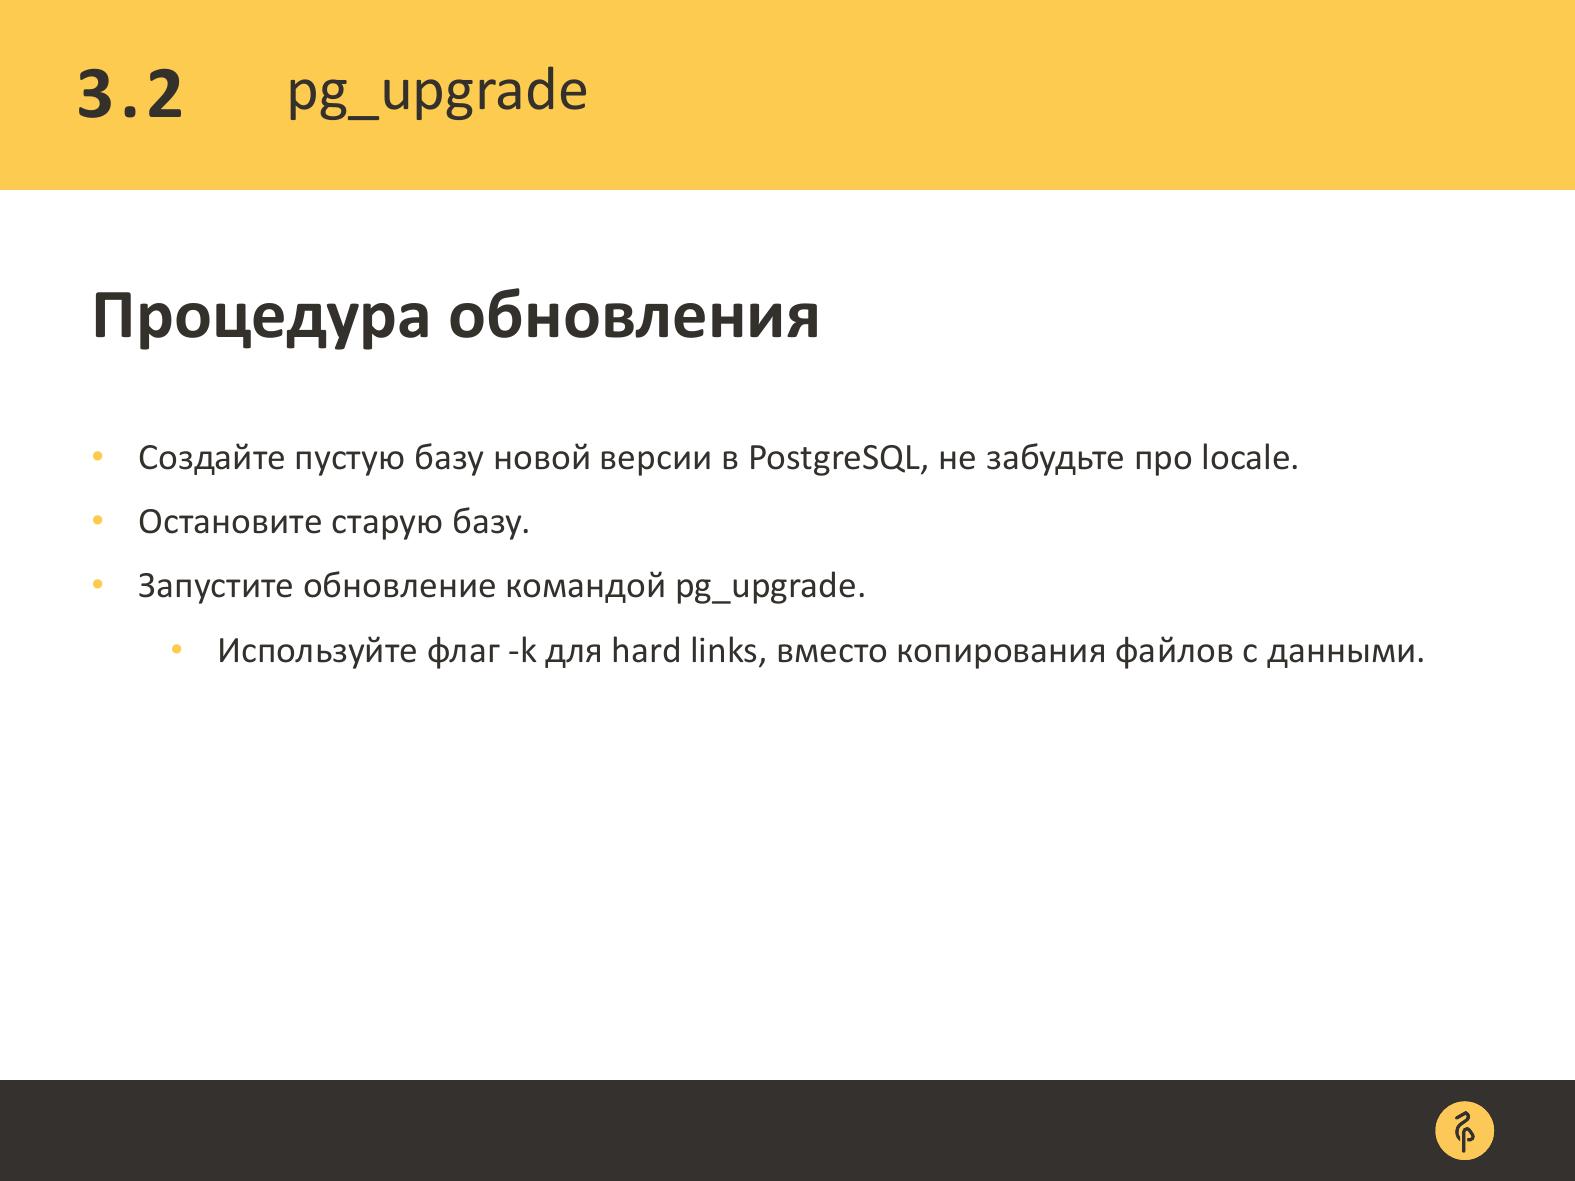 Практика обновления версий PostgreSQL. Андрей Сальников - 18